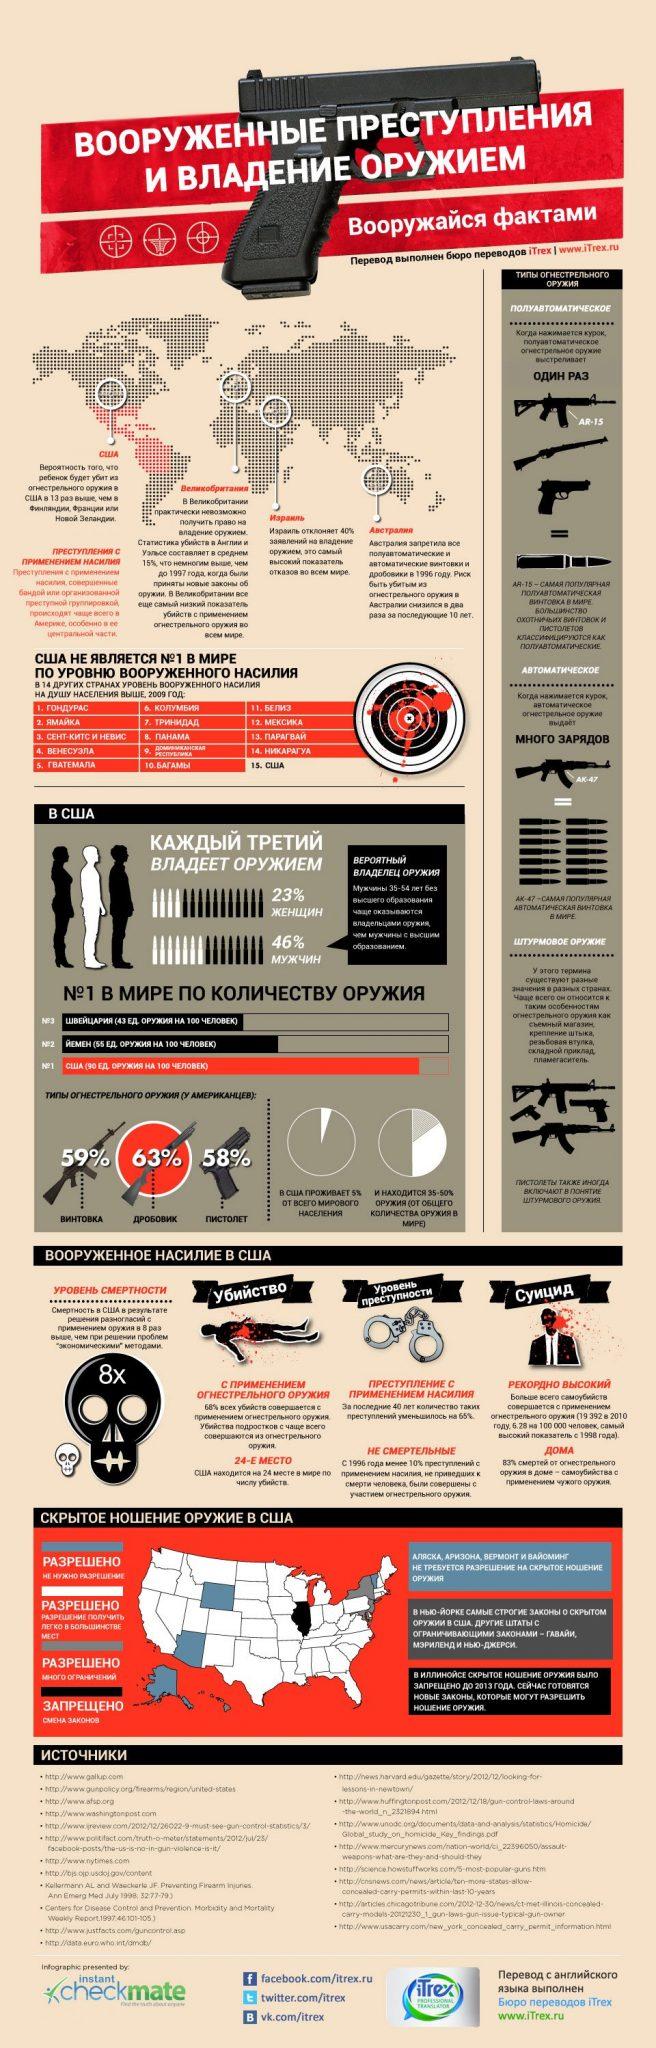 You are currently viewing Вооруженные преступления и владение оружием